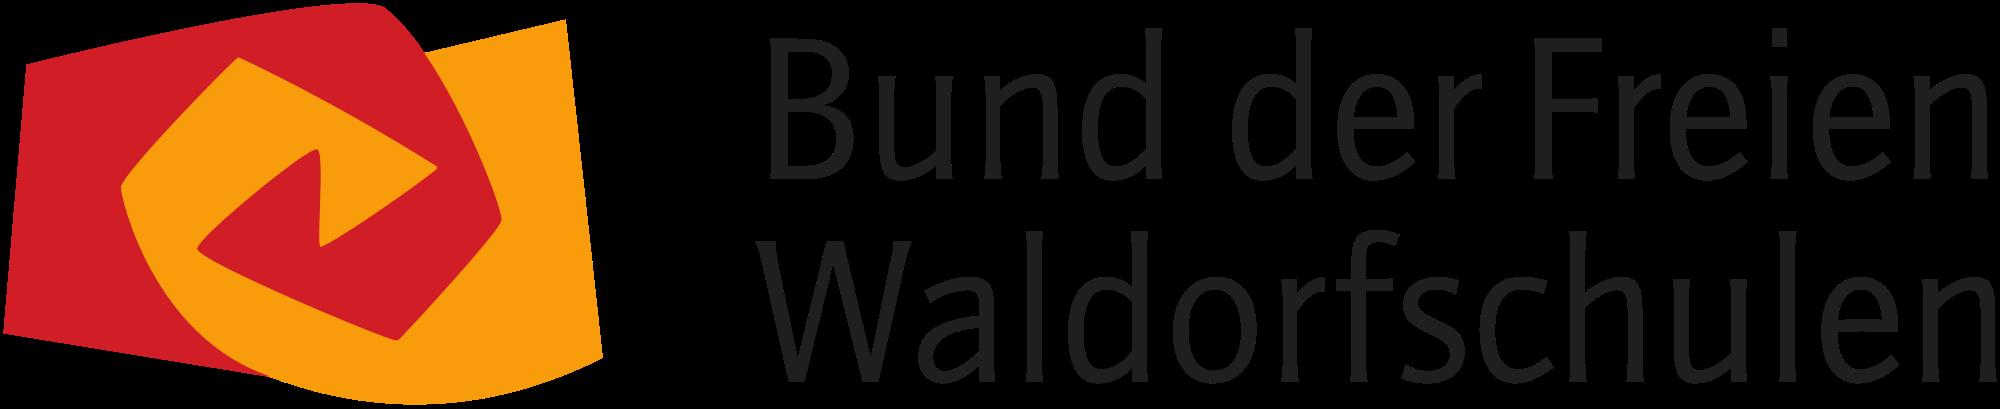 Alle News - Bund der Freien Waldorfschulen